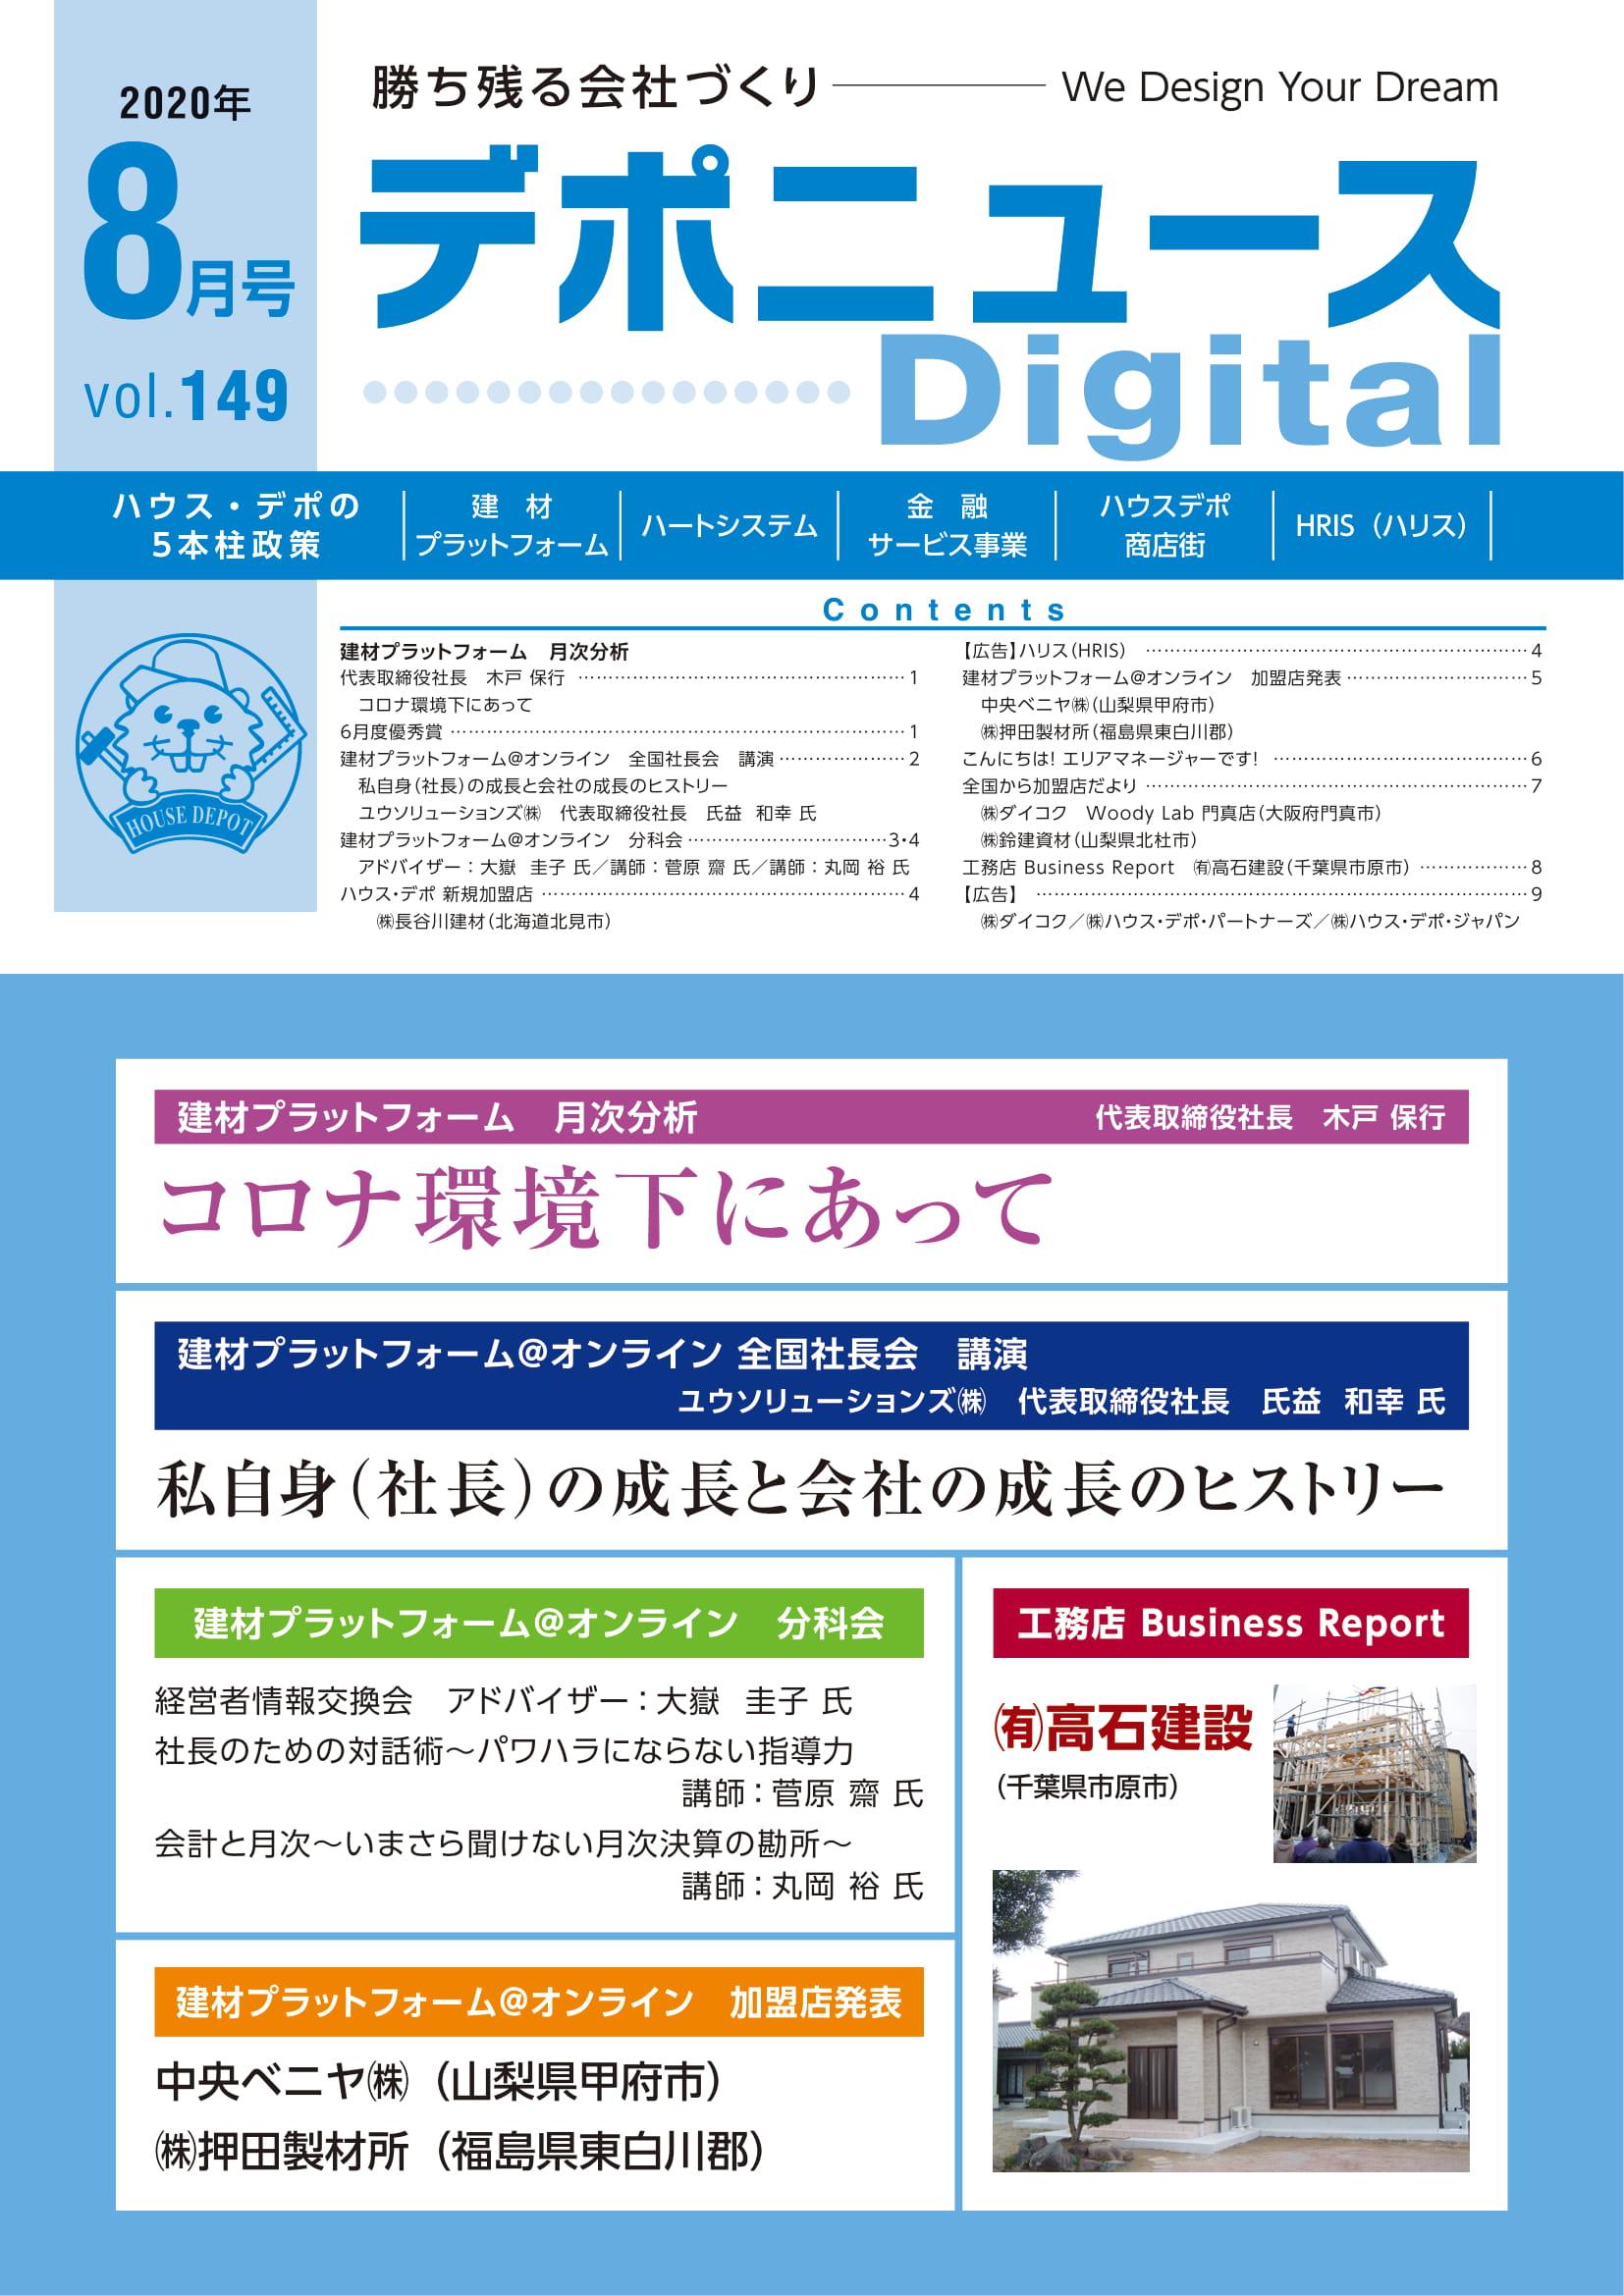 デポニュースDIGITAL Vol.149